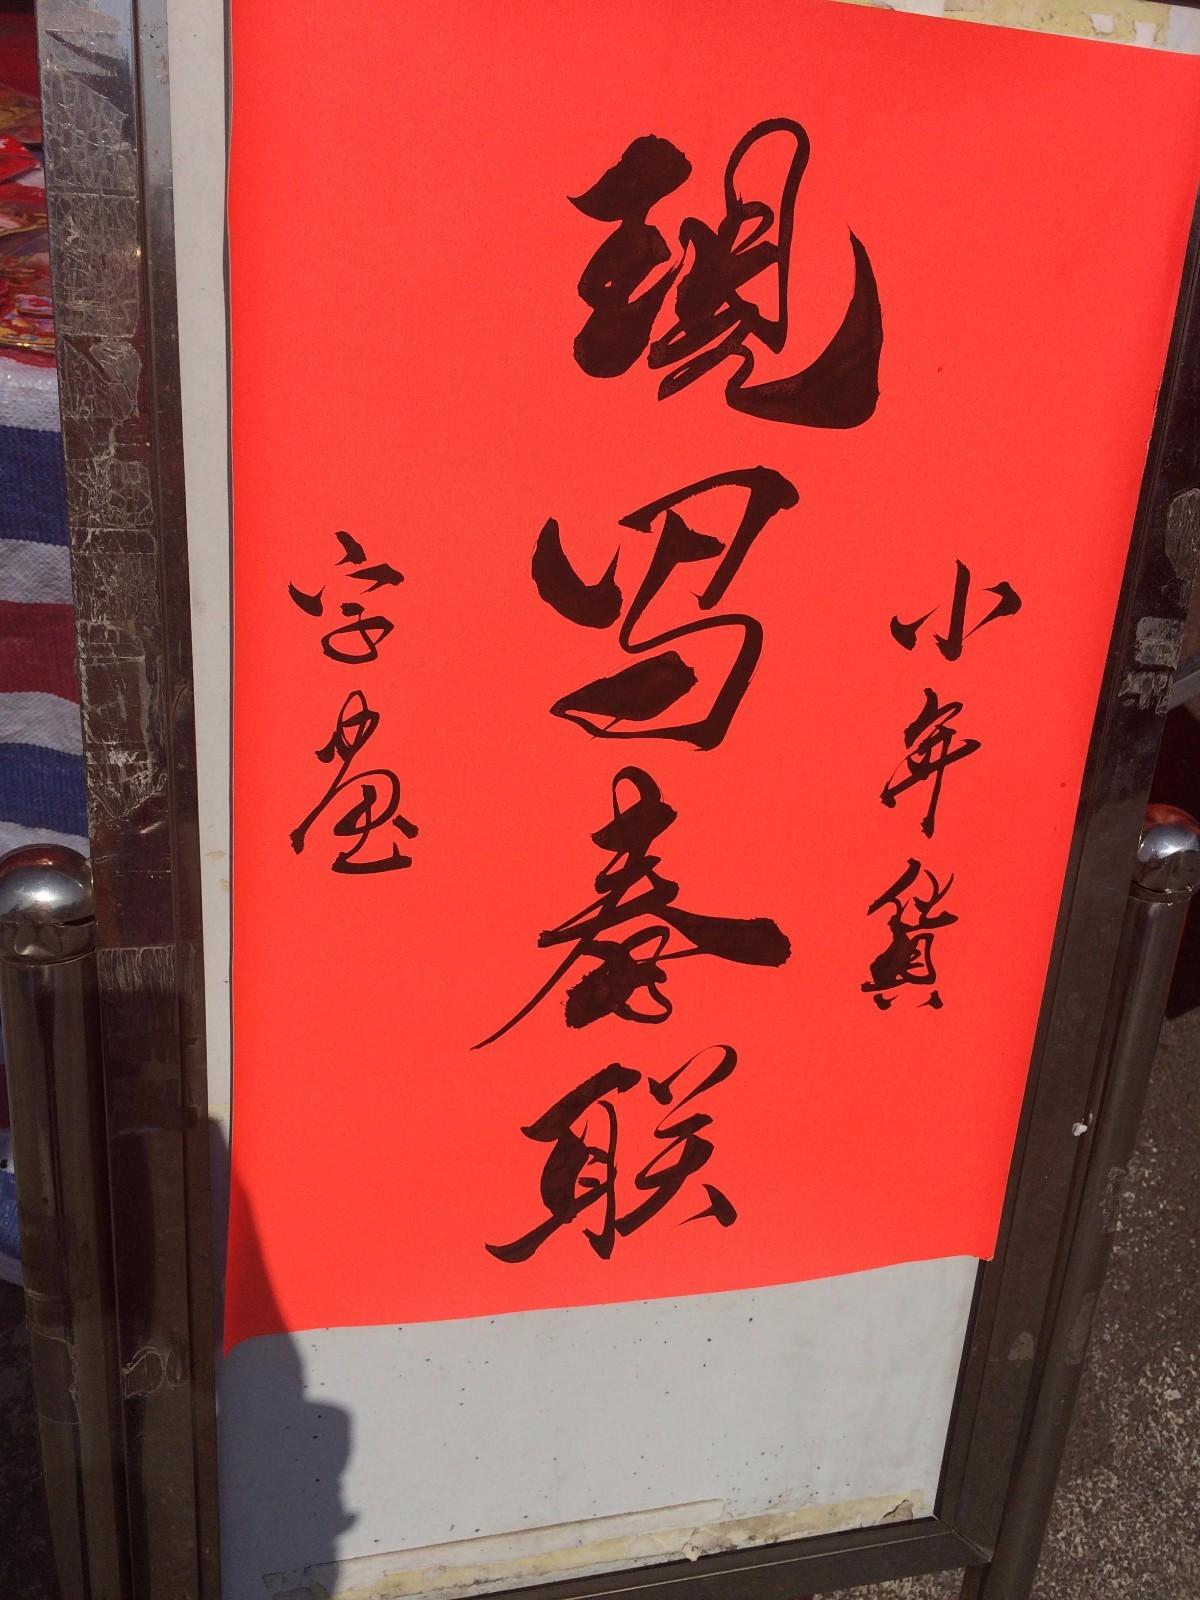 年终岁末探访深圳龙园花市 - 长城雄风 ( 2 ) 博客 - 长城雄风『2』博客